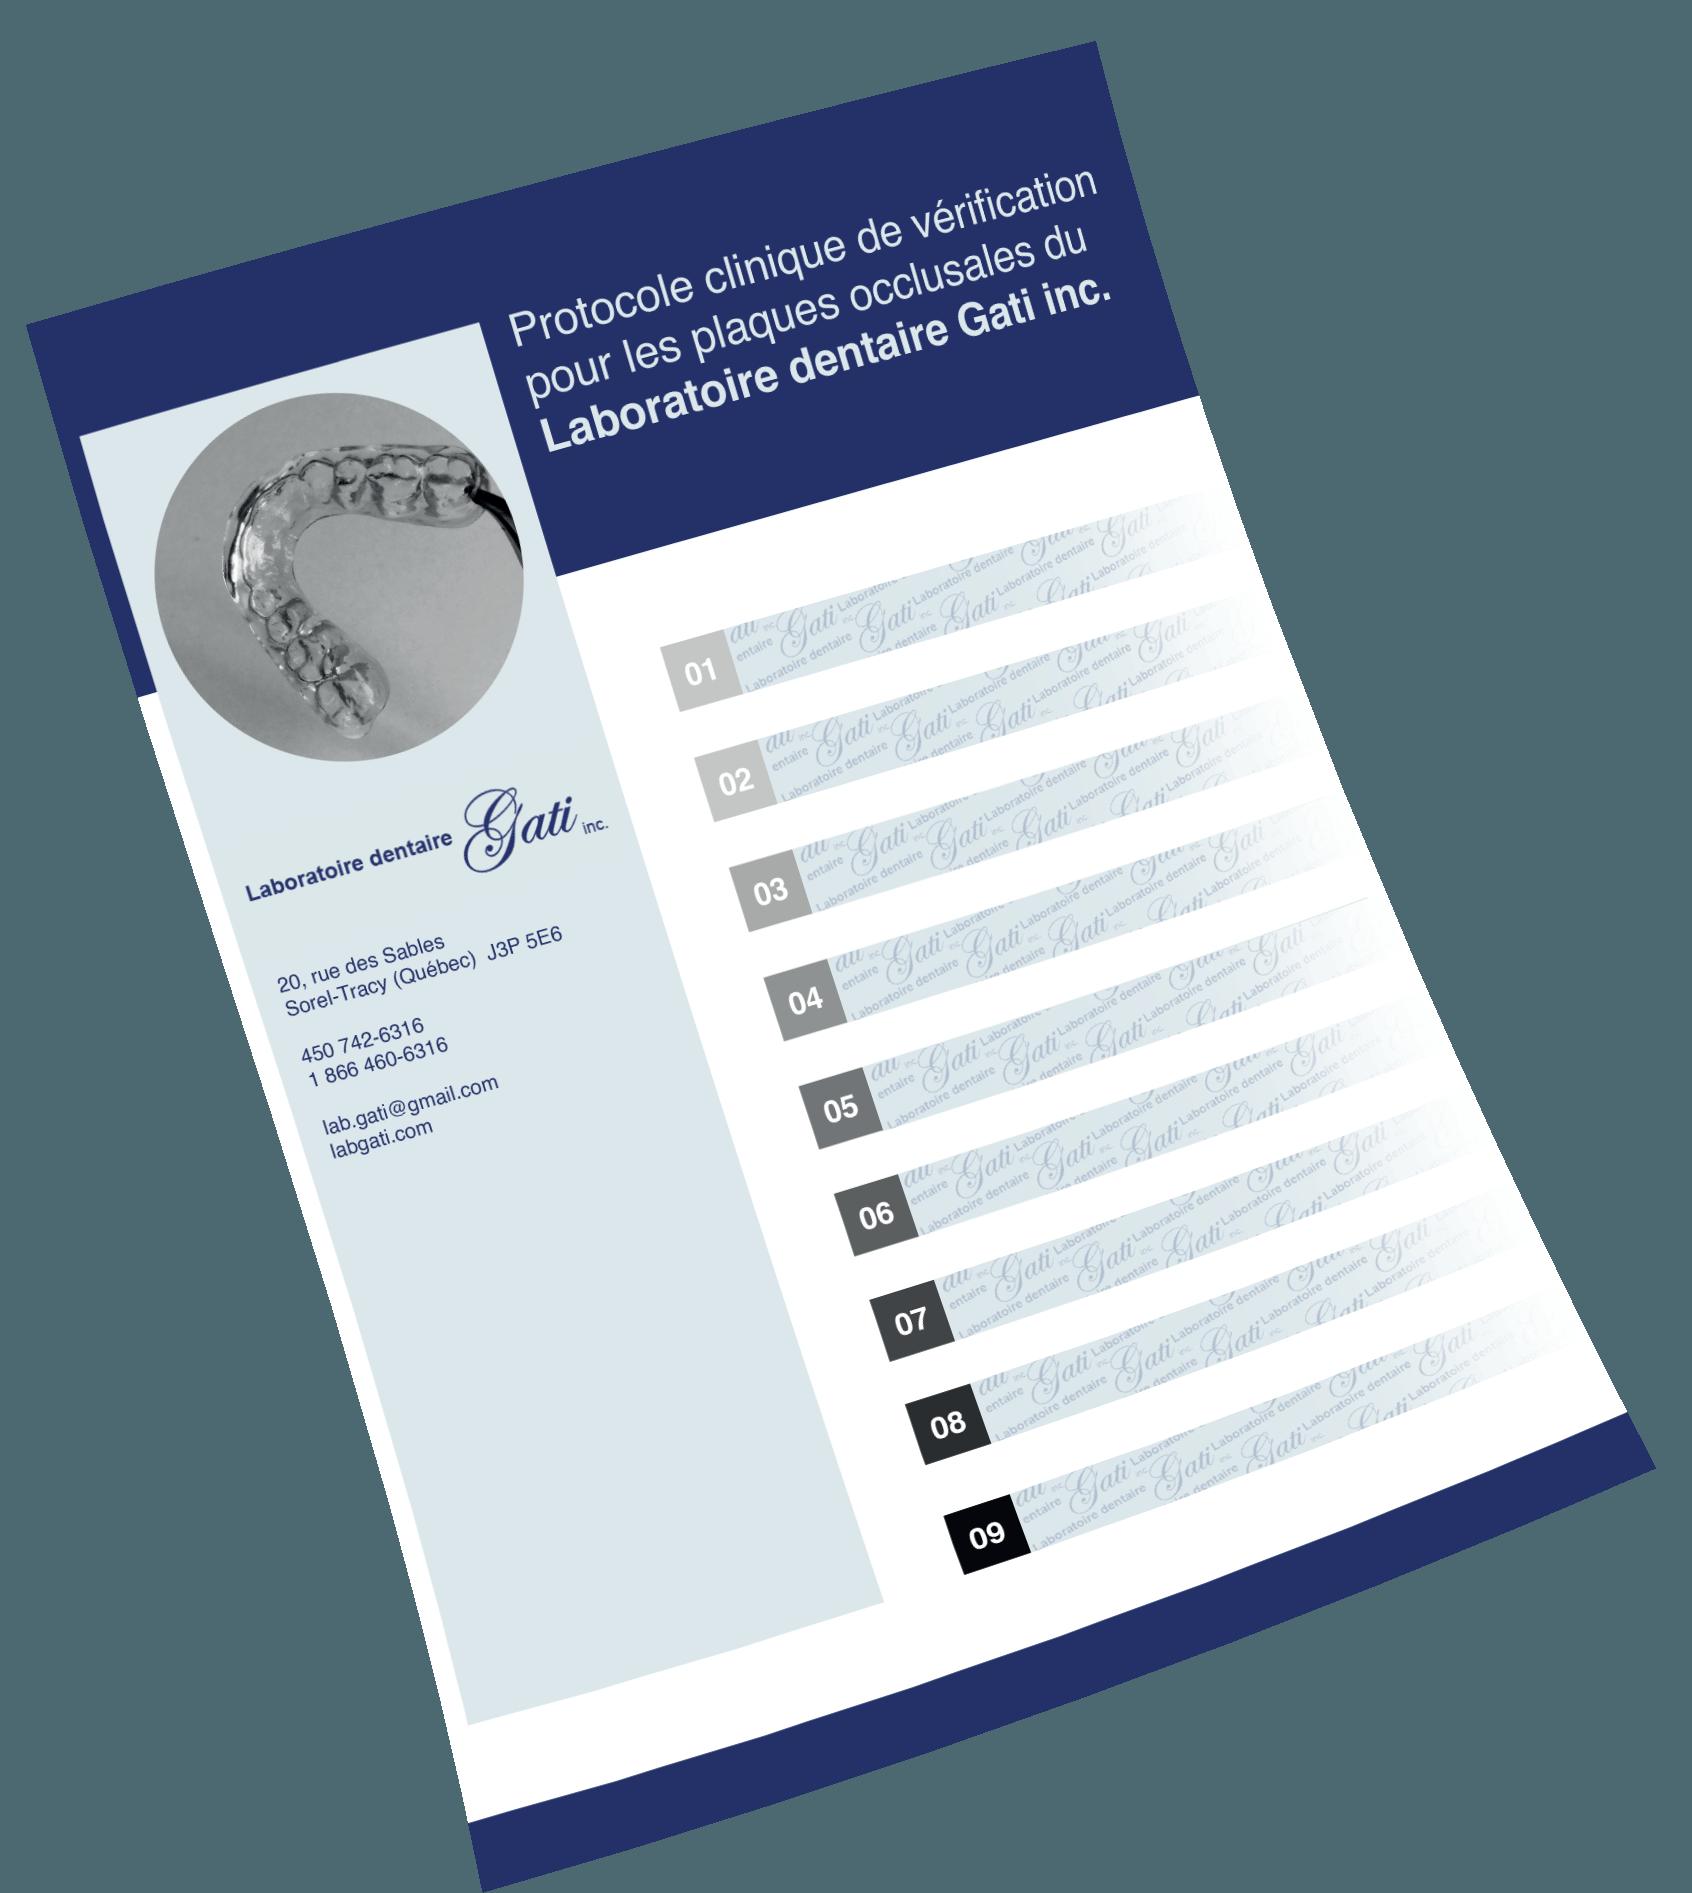 Protocole clinique de vérification plaques occlusales | Laboratoire dentaire Gati inc.